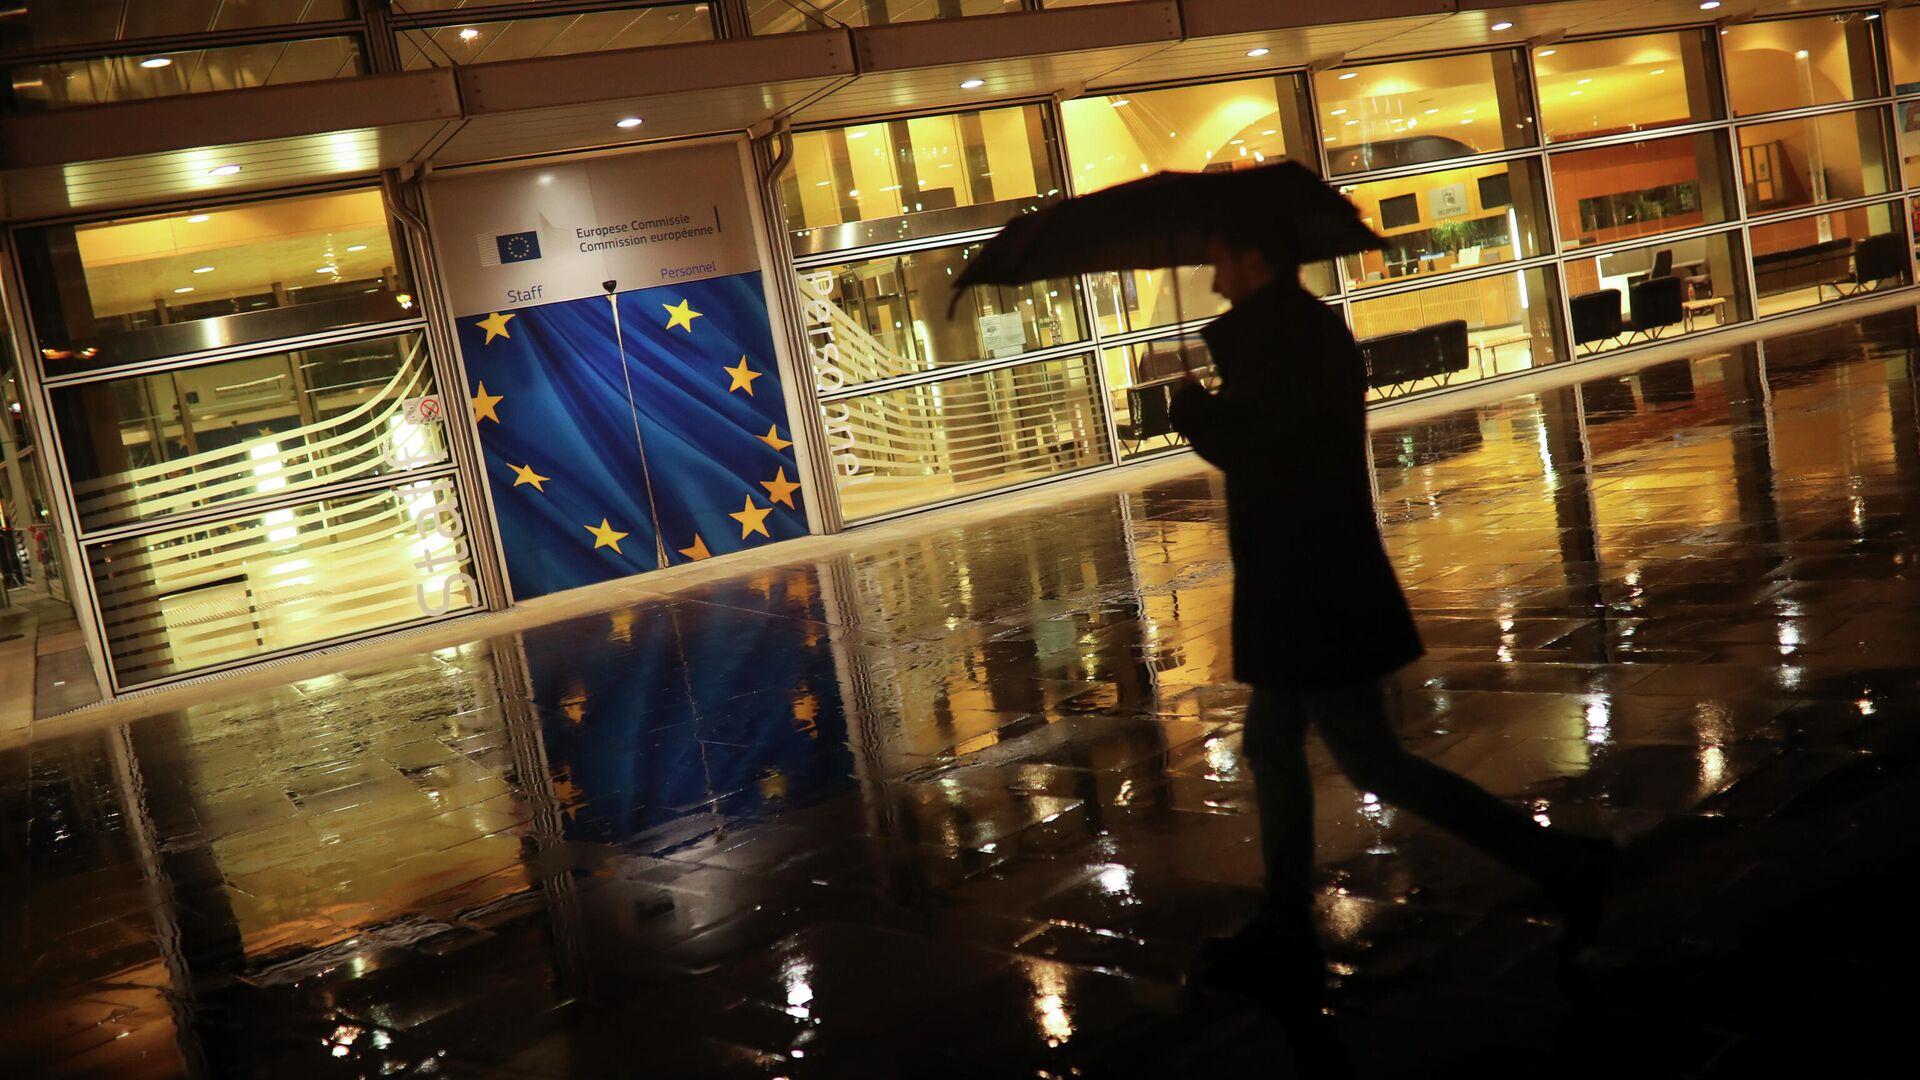 Прохожий у штаб-квартиры Европейской комиссии в Брюсселе - РИА Новости, 1920, 24.02.2021